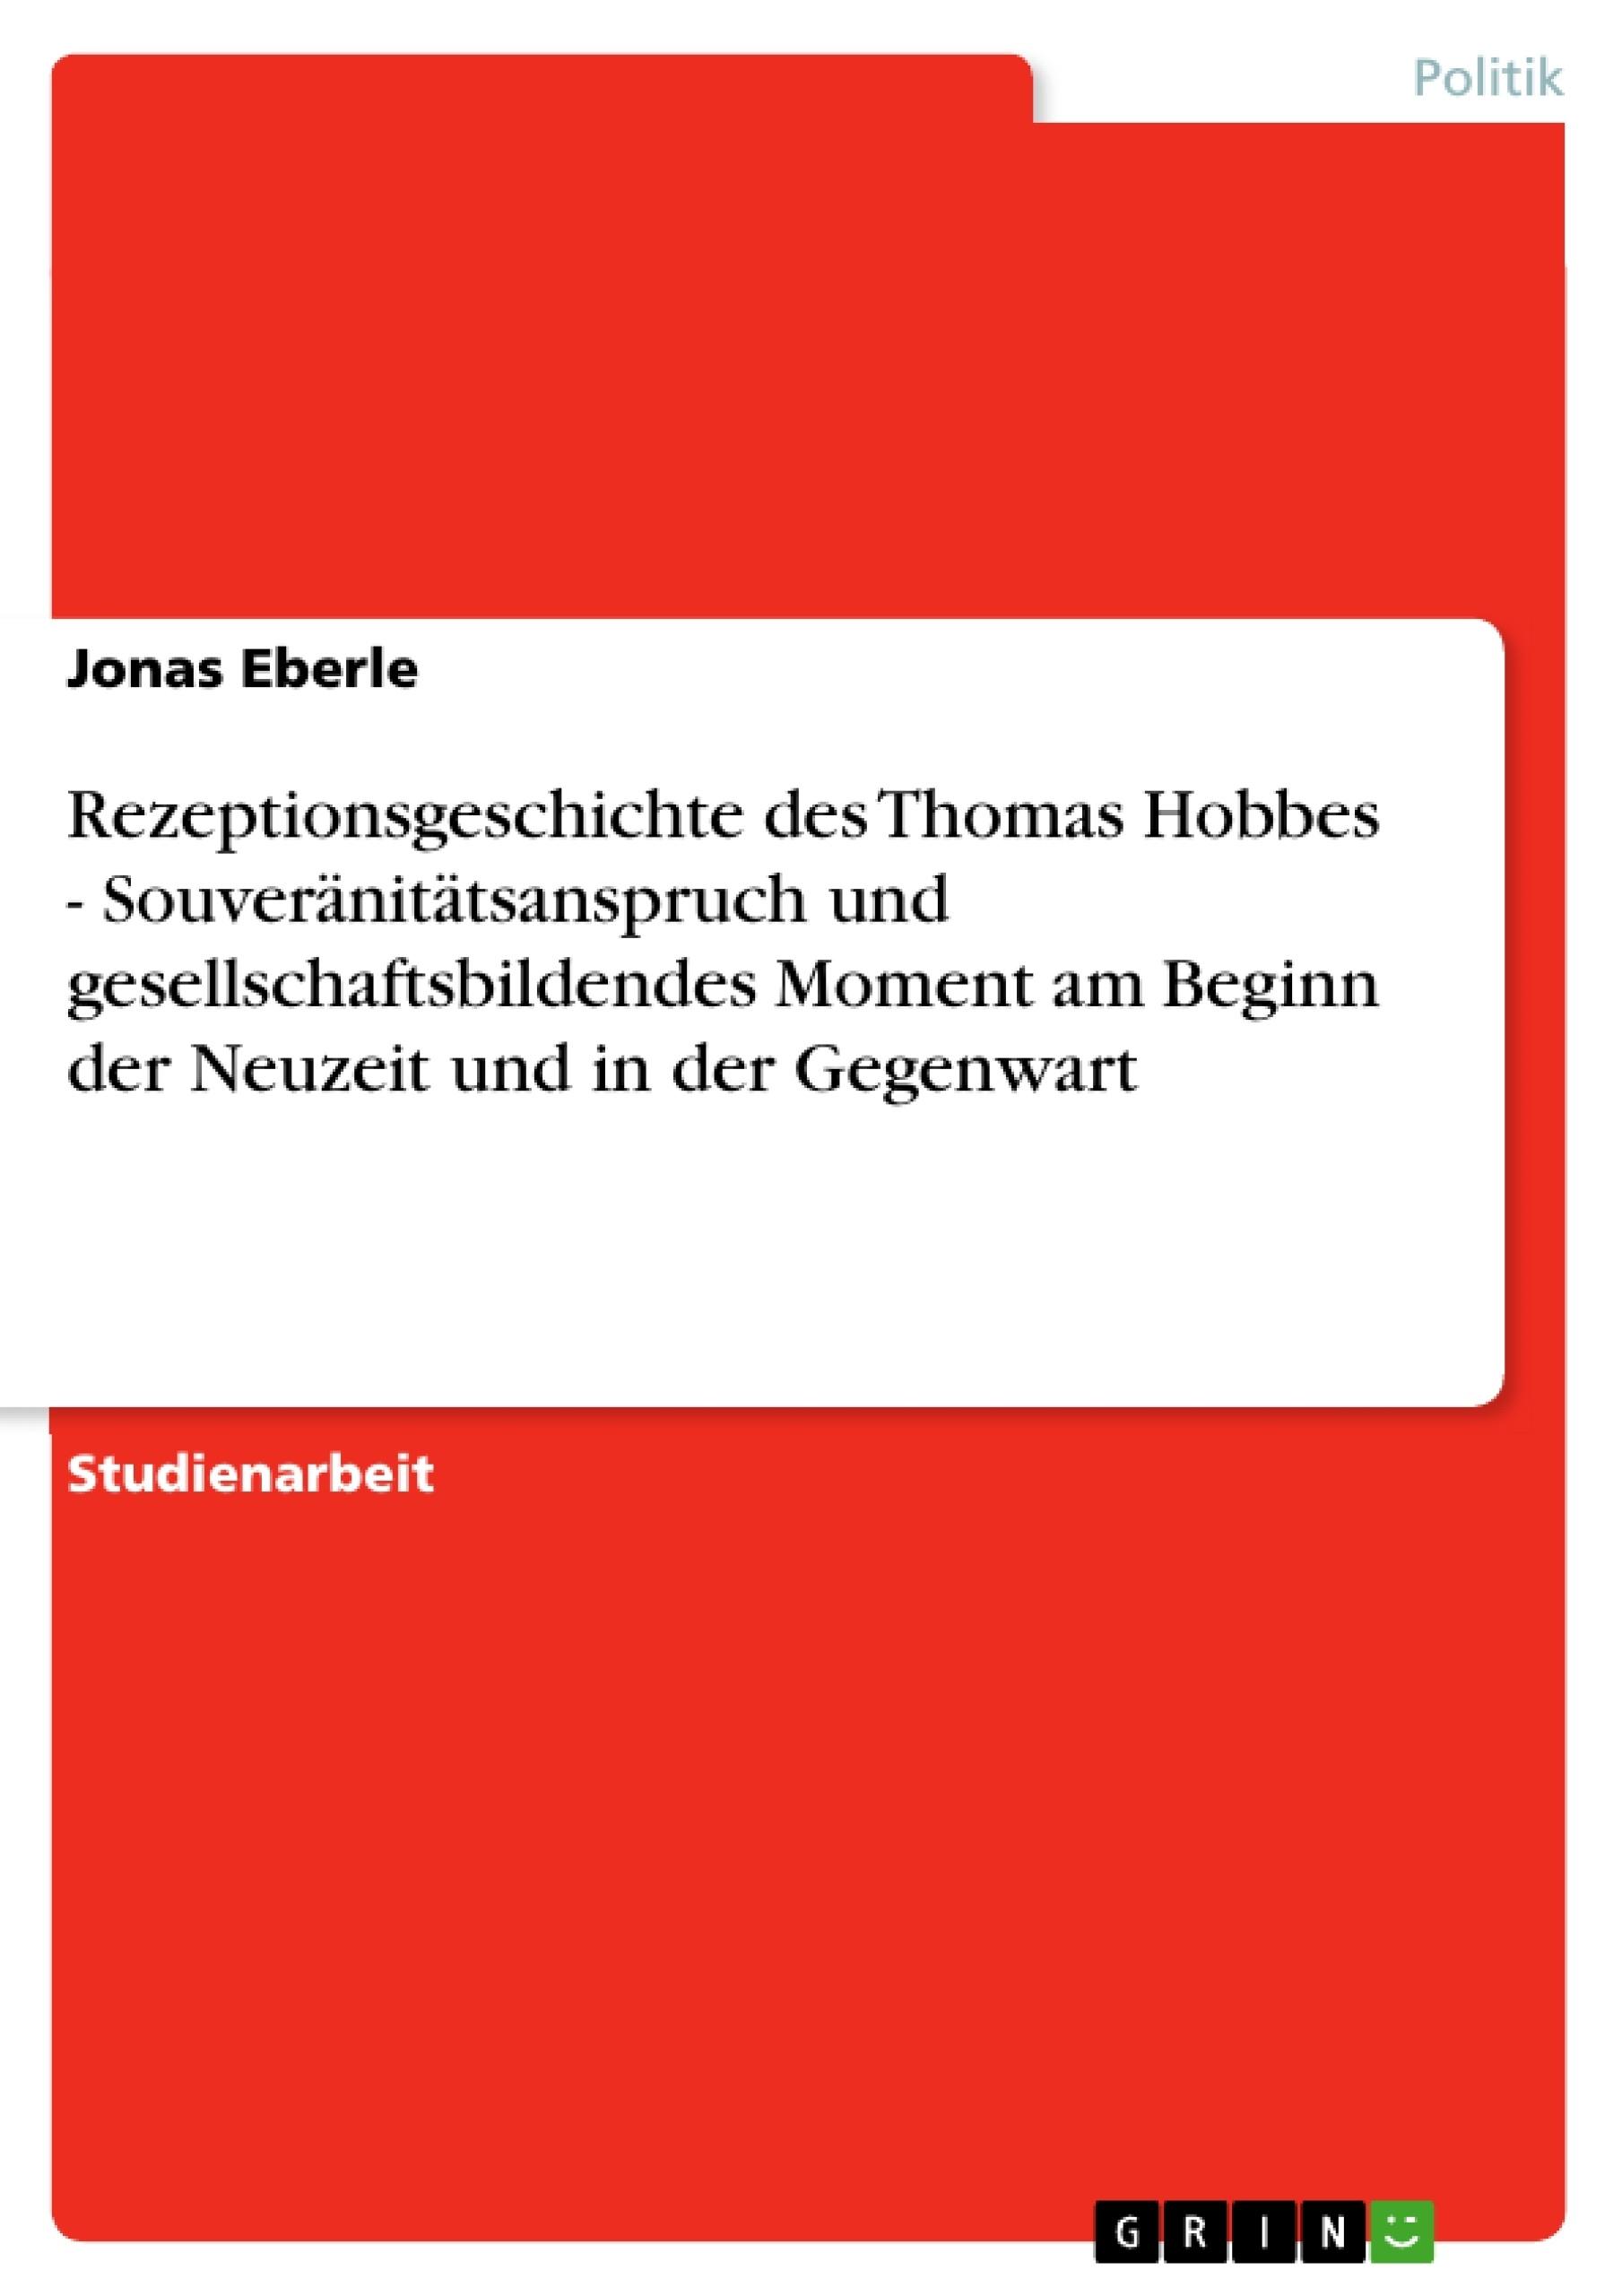 Titel: Rezeptionsgeschichte des Thomas Hobbes - Souveränitätsanspruch und gesellschaftsbildendes Moment am Beginn der Neuzeit und in der Gegenwart